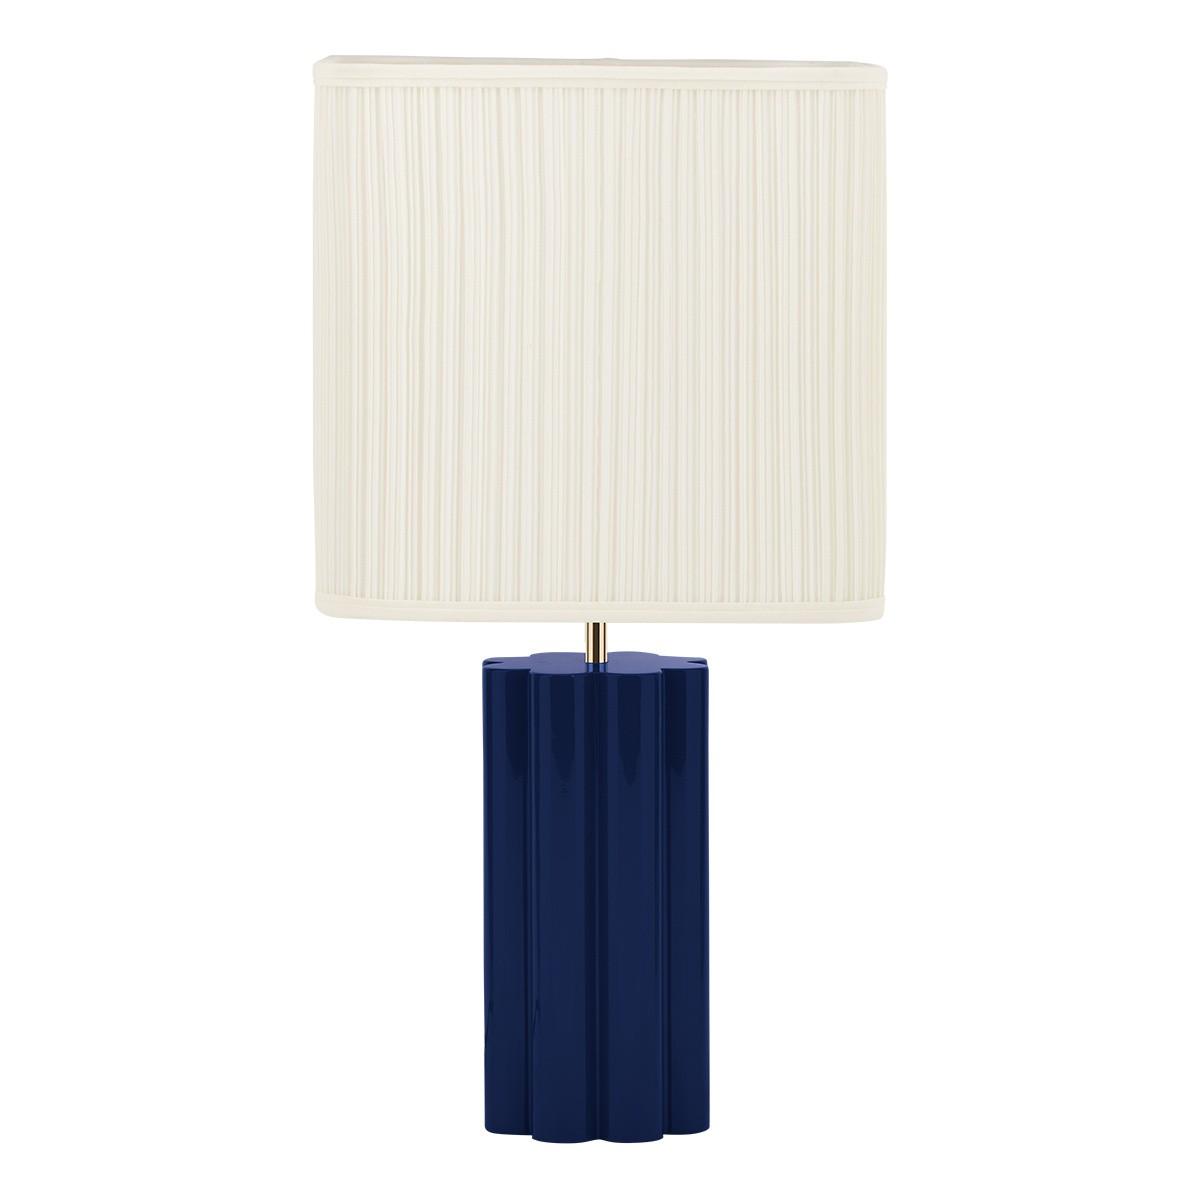 Gioia Table Lamp, Blue